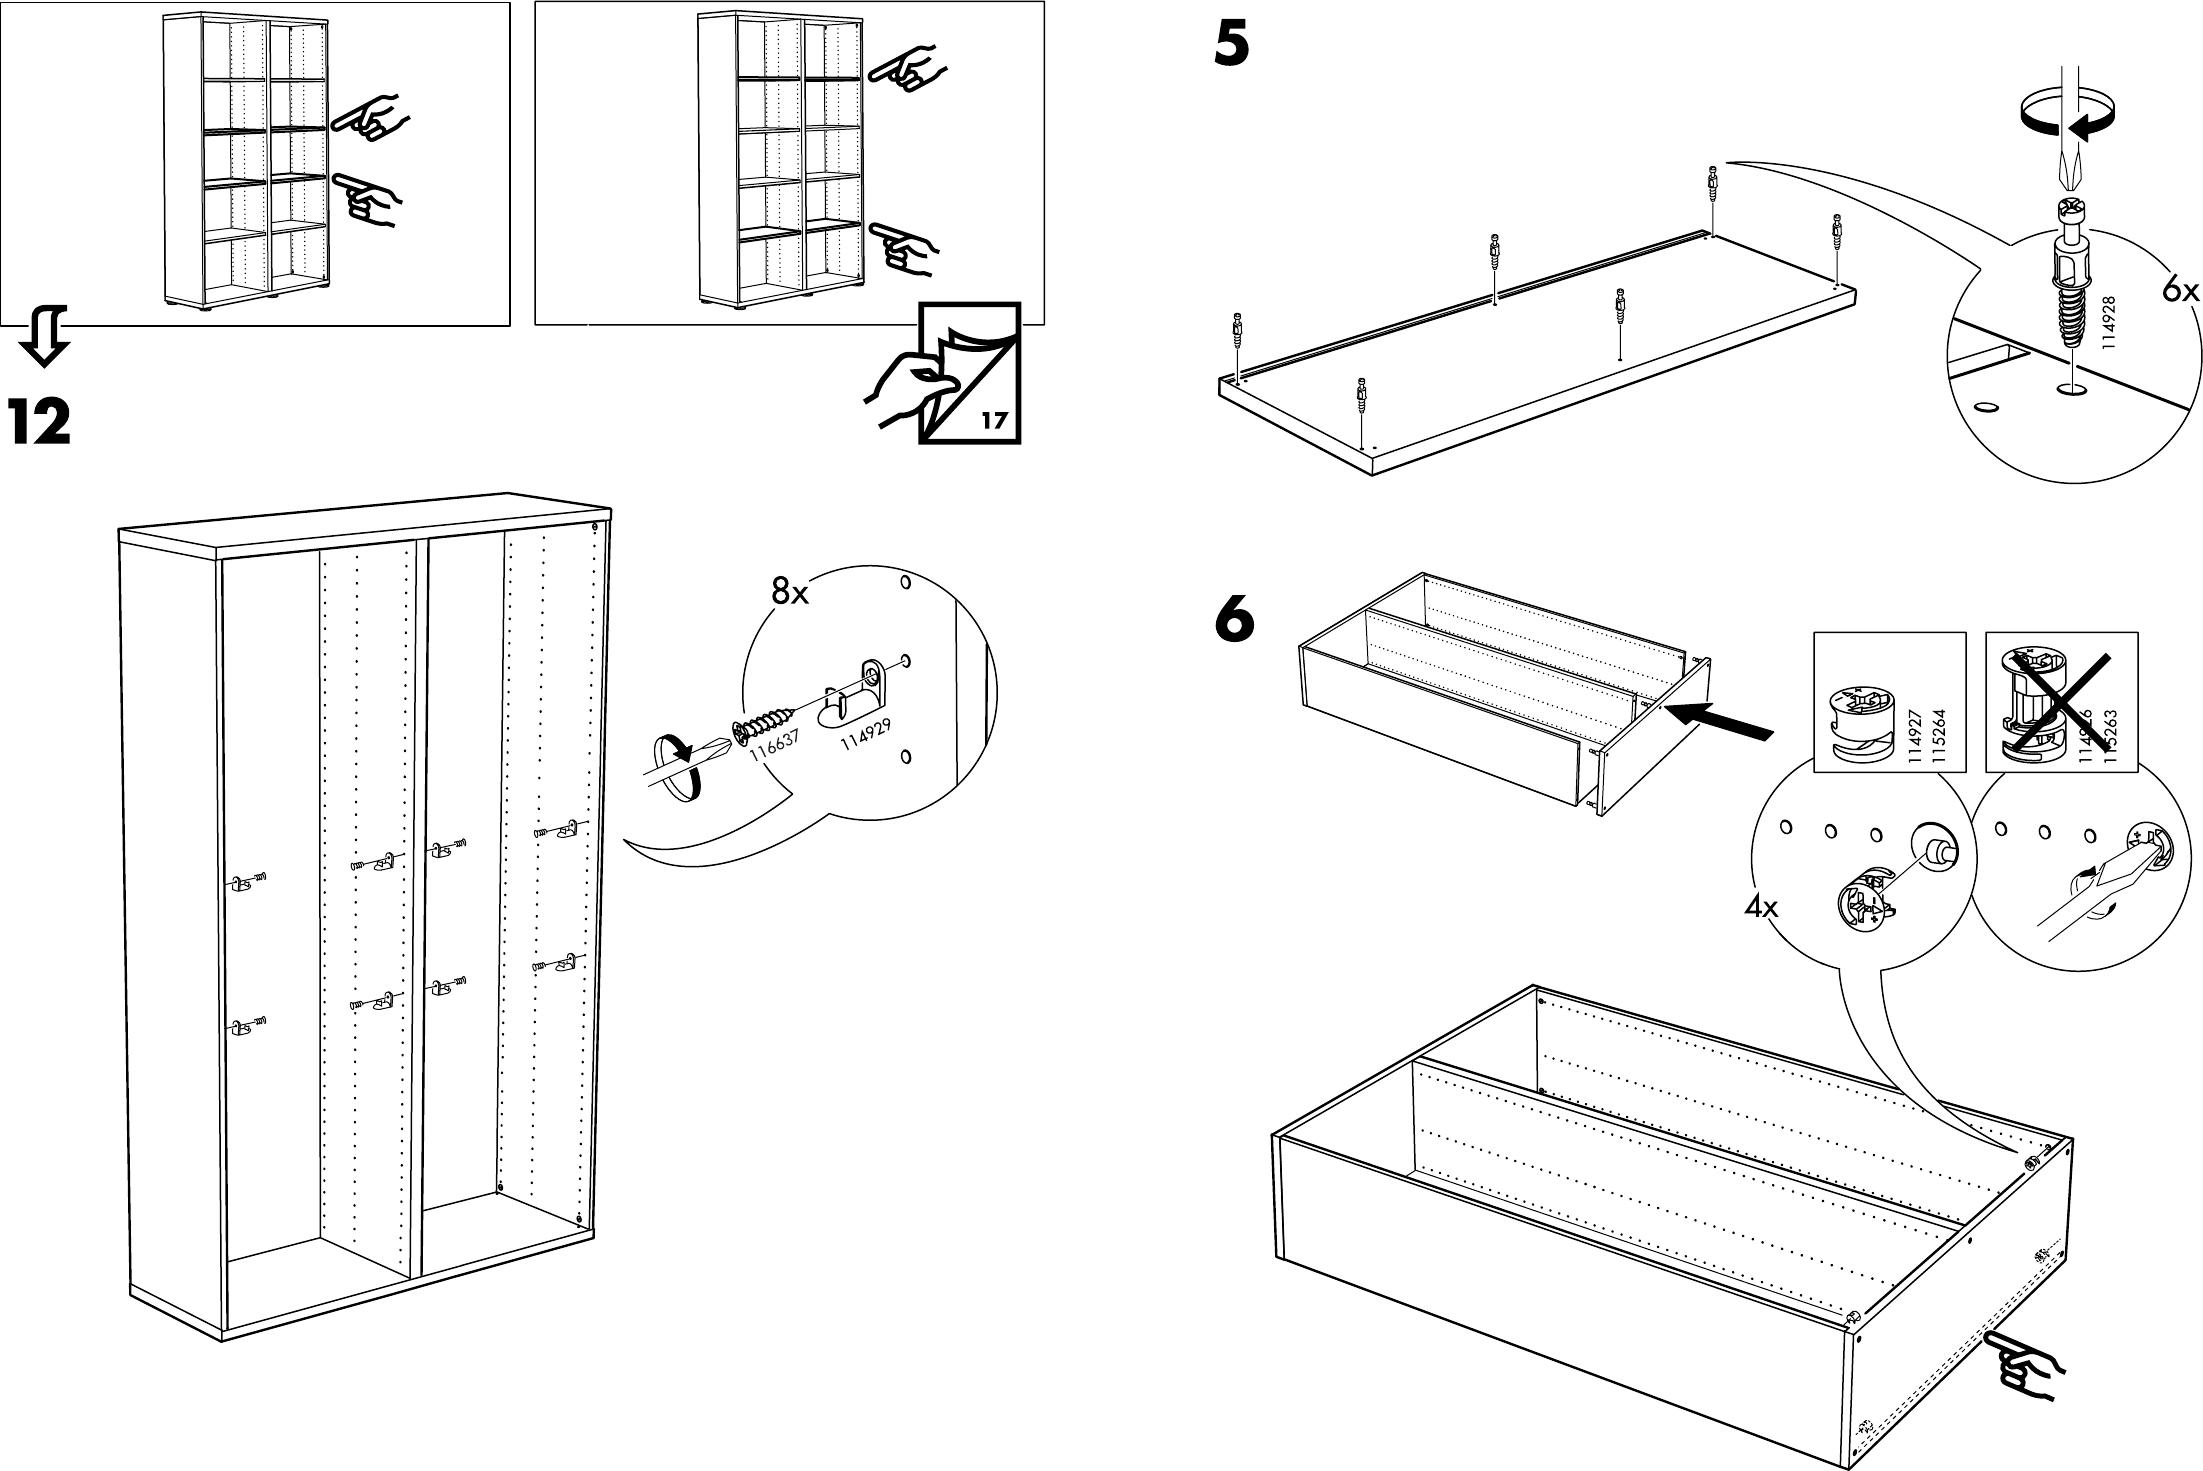 Handleiding Ikea Besta Kast 2 Pagina 7 Van 10 Dansk